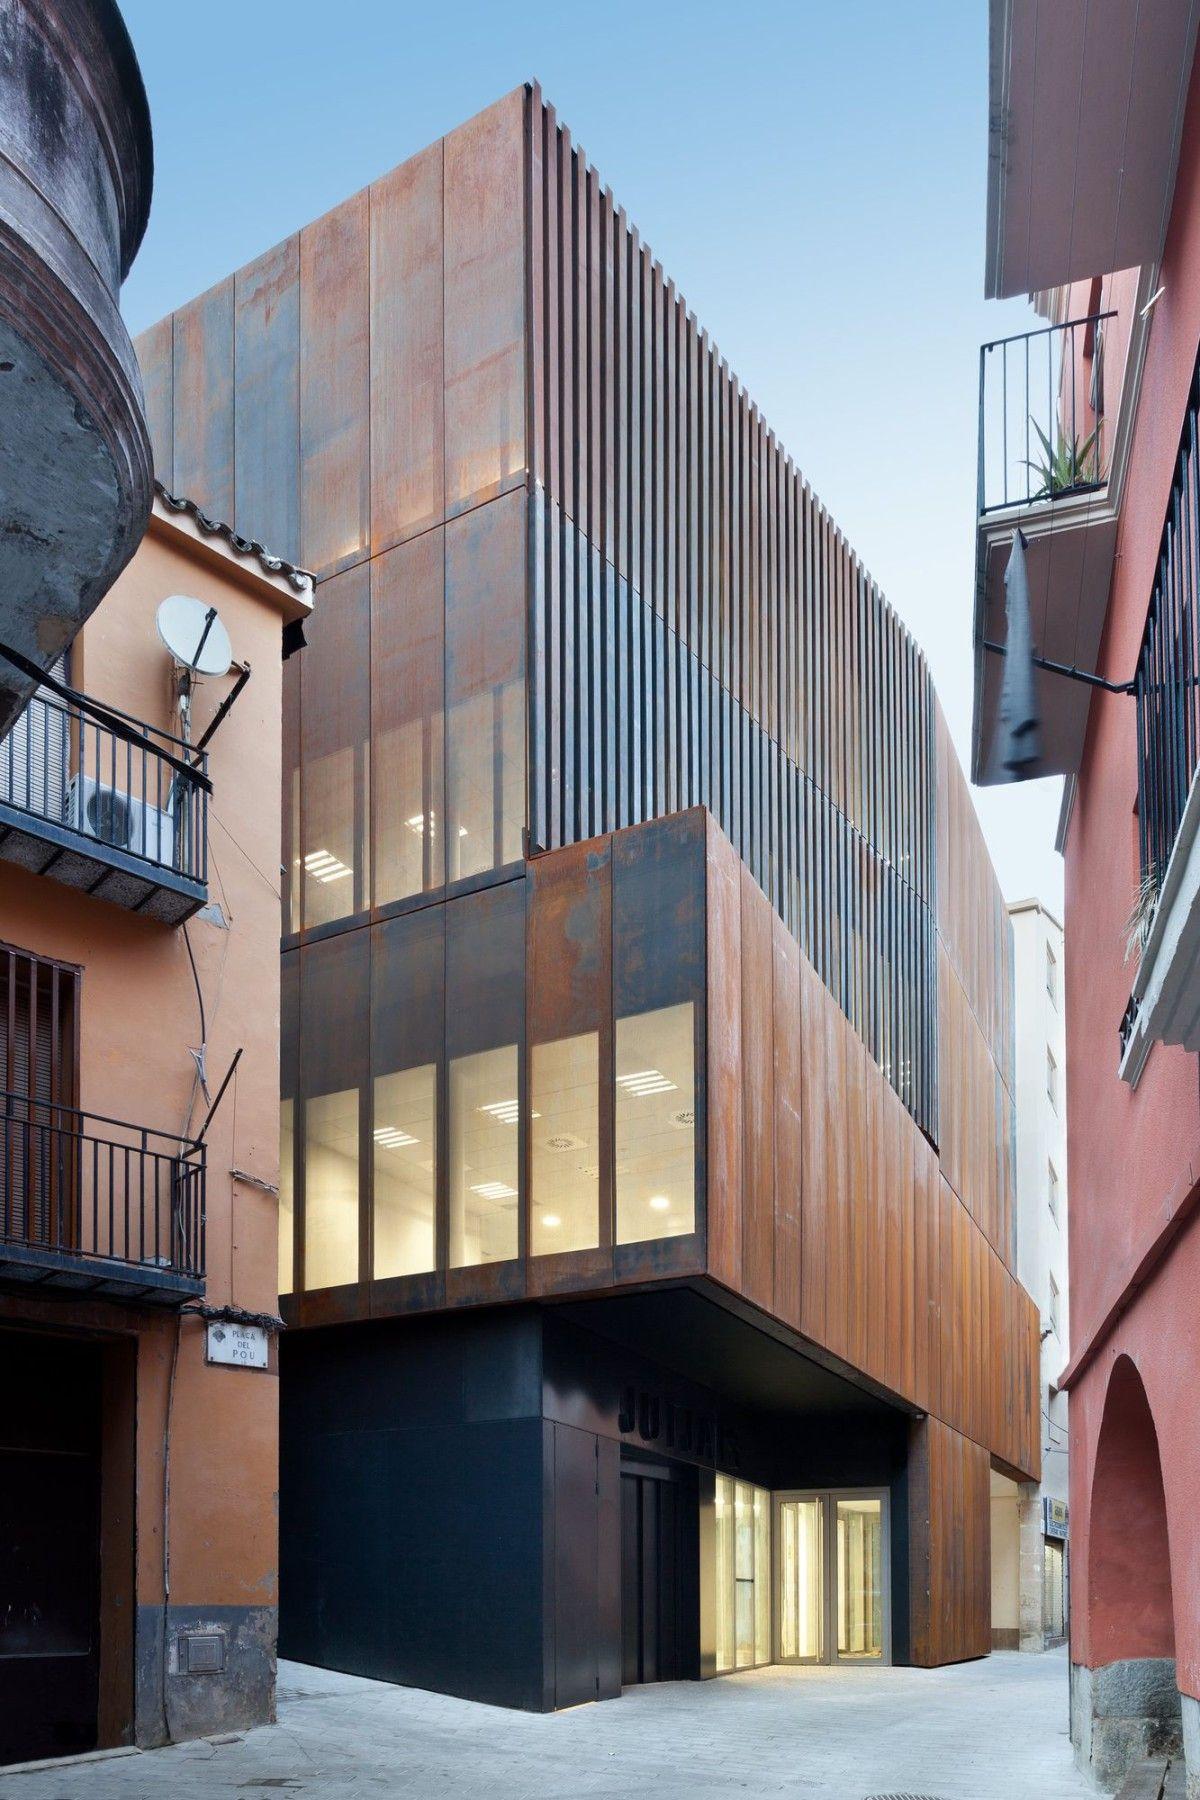 Camps Felip Arquitecturia . Law Court.balaguer 1 Gevel Materialisatie Corten Staal Volumetrie